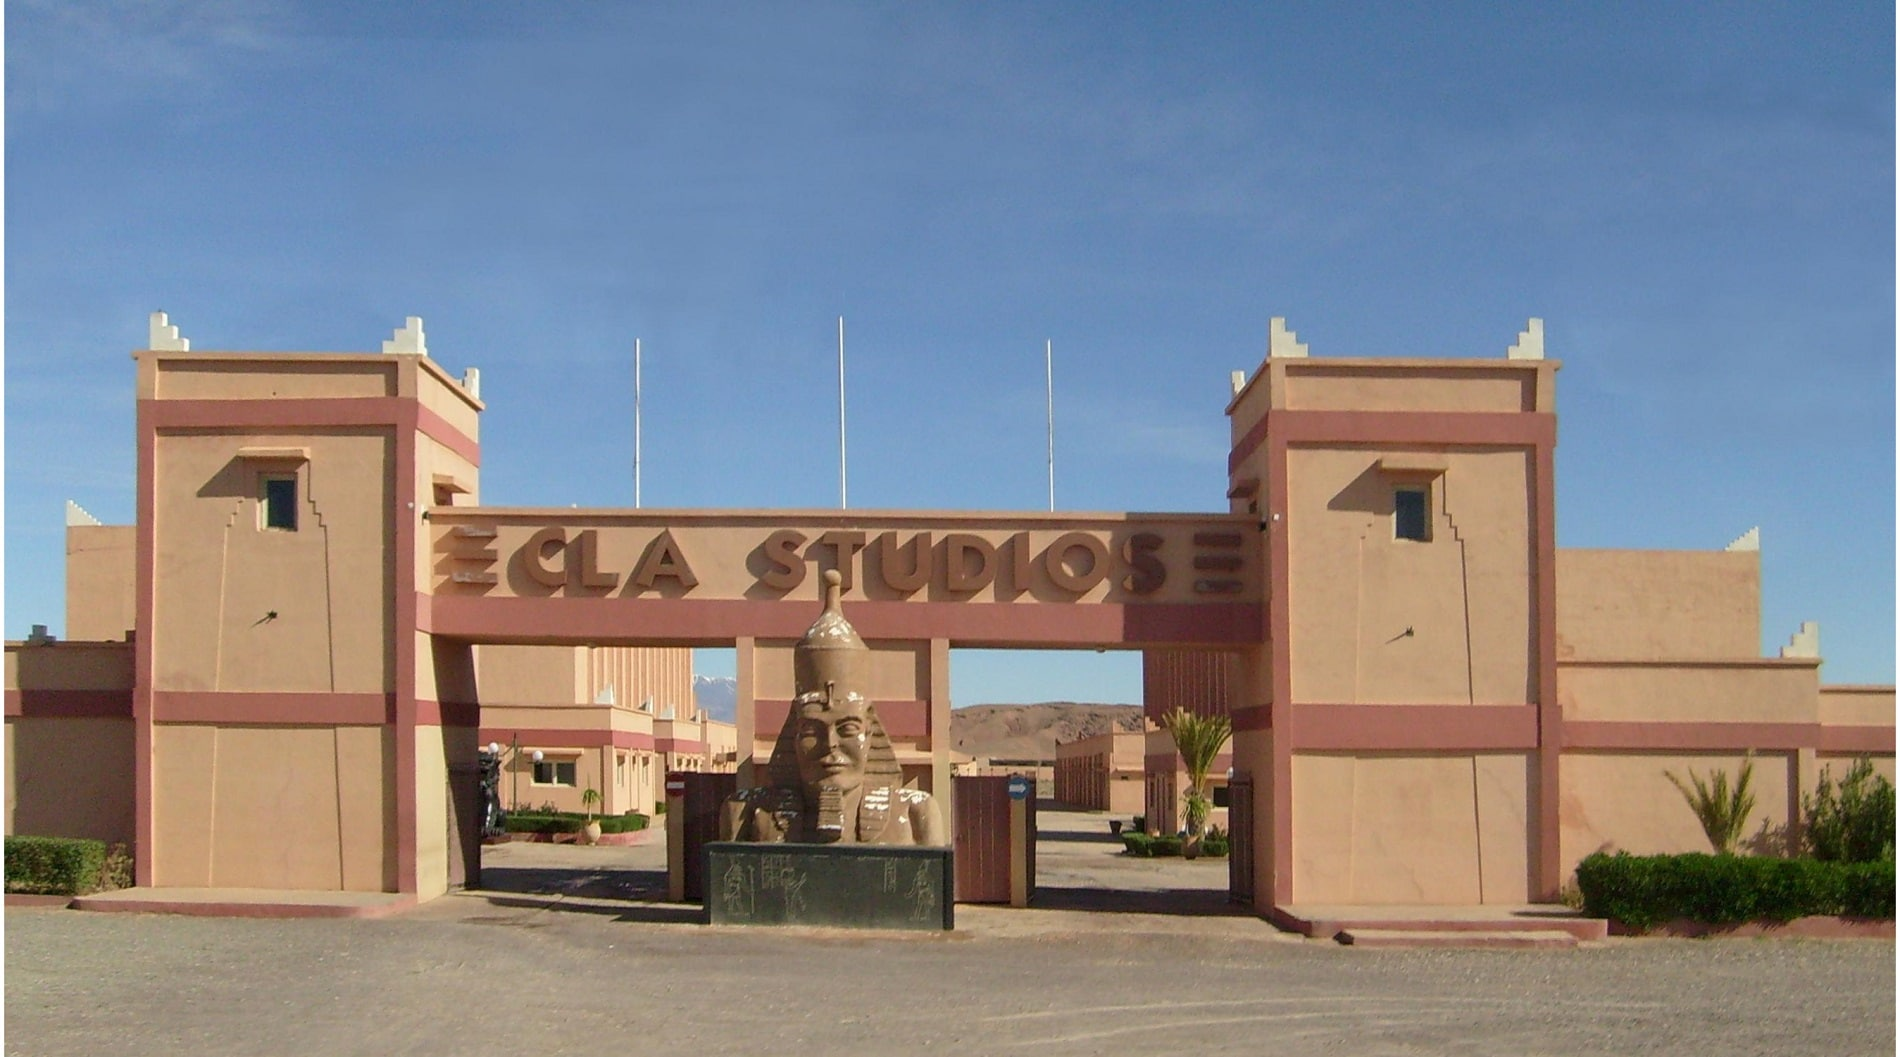 CLA Studios Ouarzazate, unul dintre cele mai mari studiouri de filmare din lume